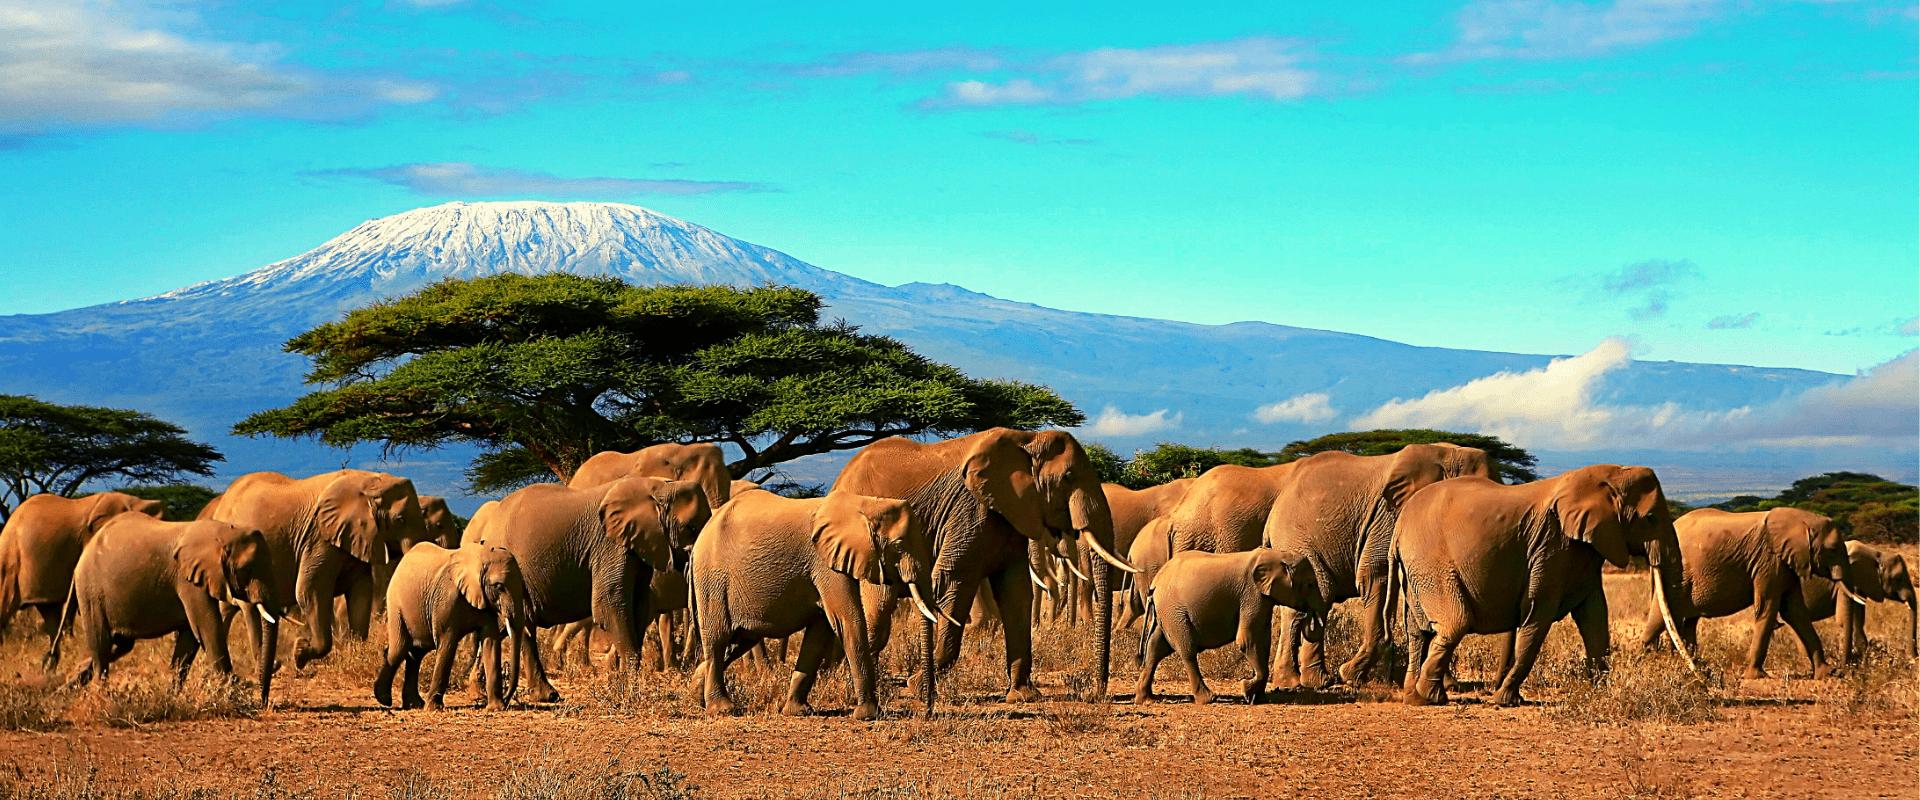 Kili Climb Marangu & Safari Tour